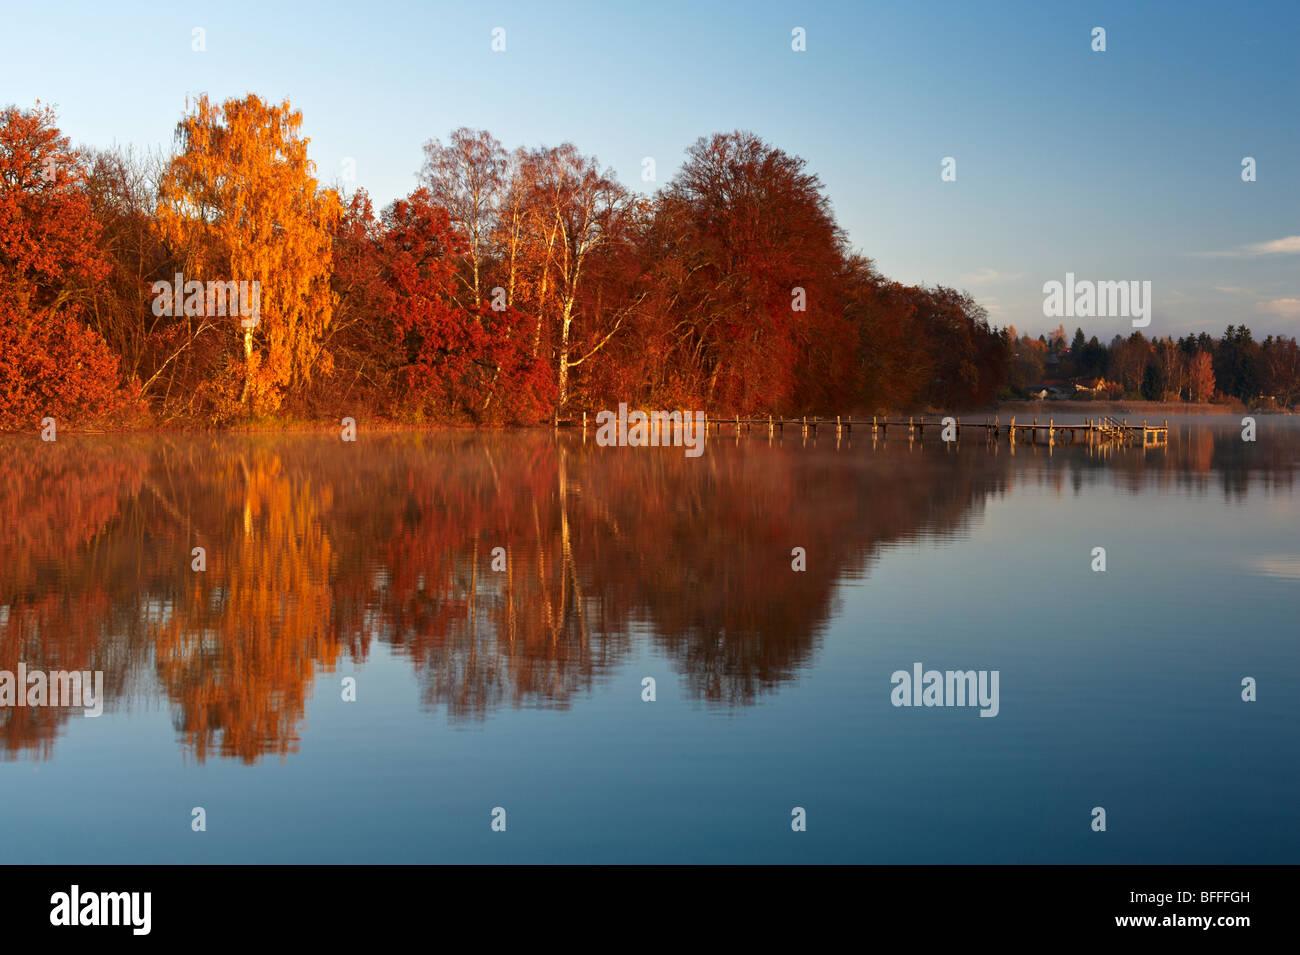 Herbststimmung am Wörthsee, Oberbayern, Deutschland - Stock Image